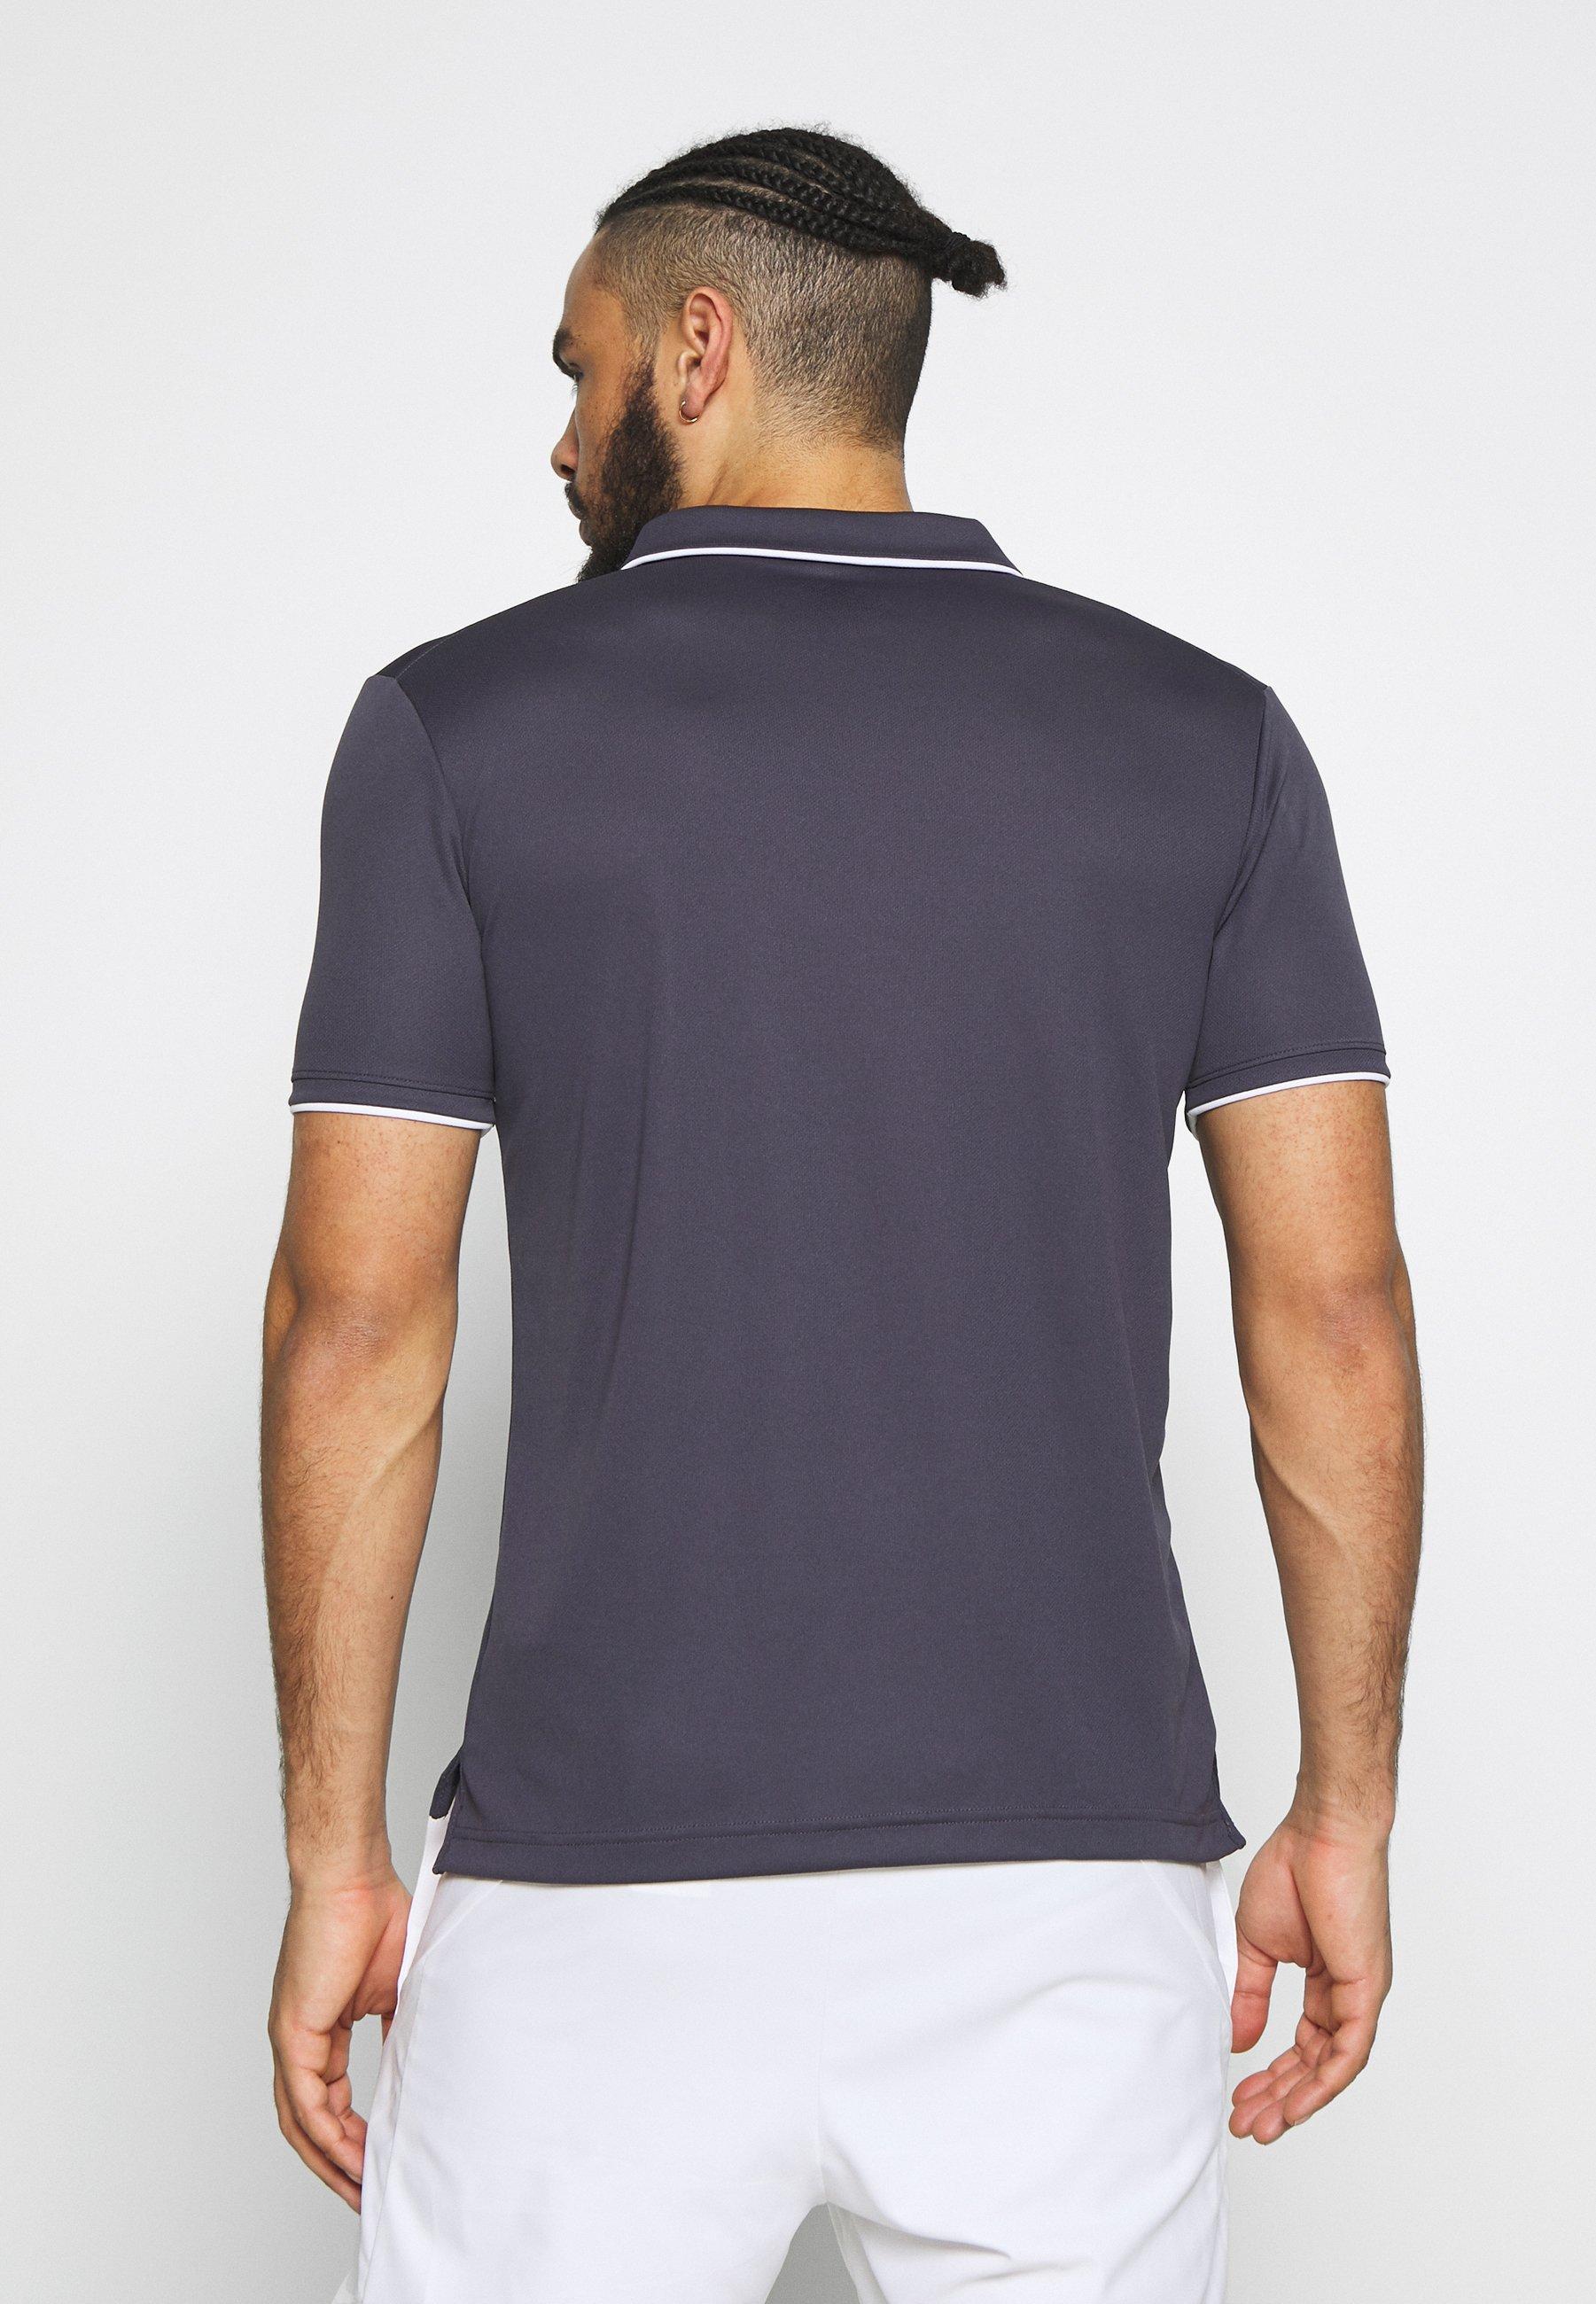 Nike Performance Dry Team - Sportshirt Gridiron/white 8ktygasd m3iZSbic